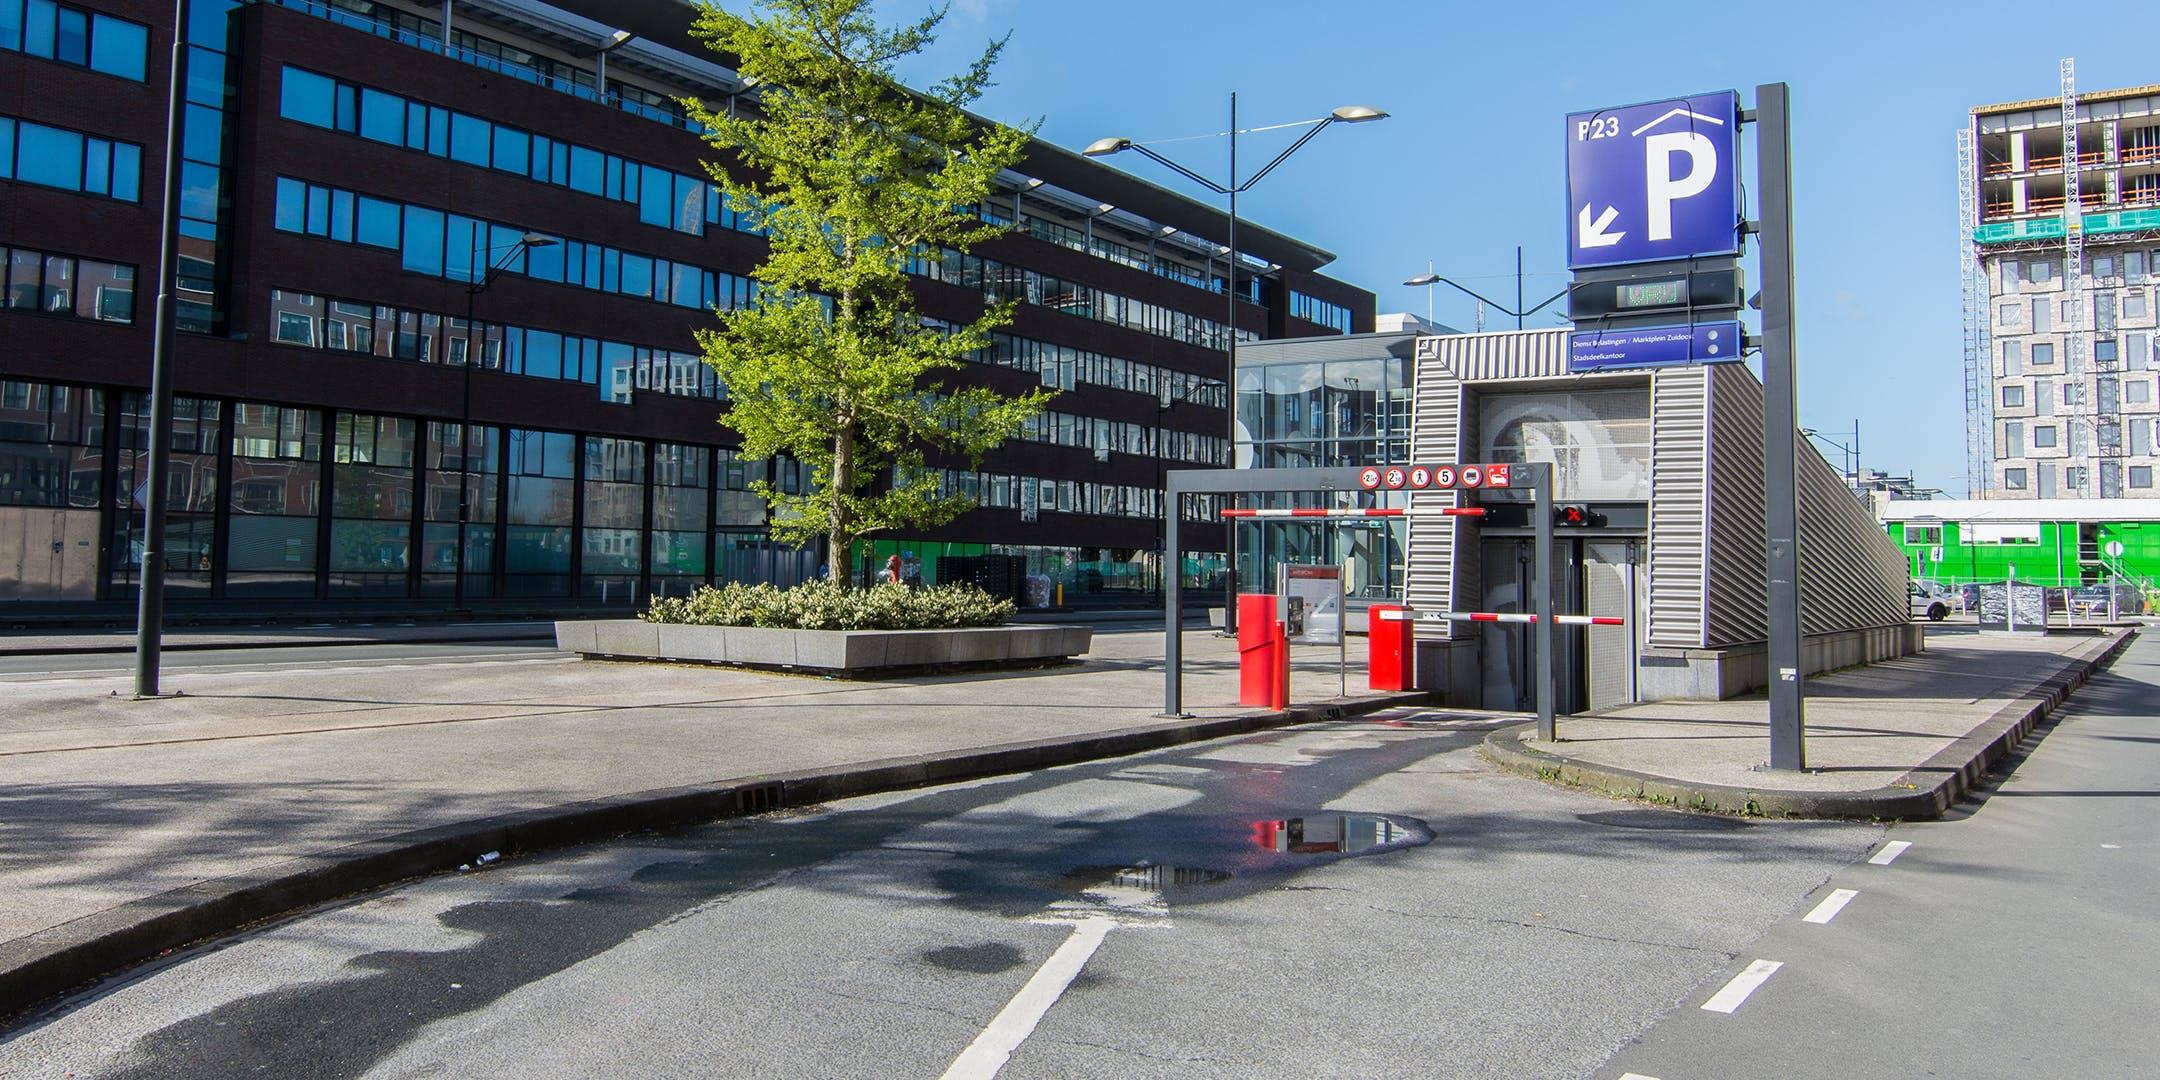 Parkeren Scooter - AFAS Live - Q-Park Amsterdamse Poort P23